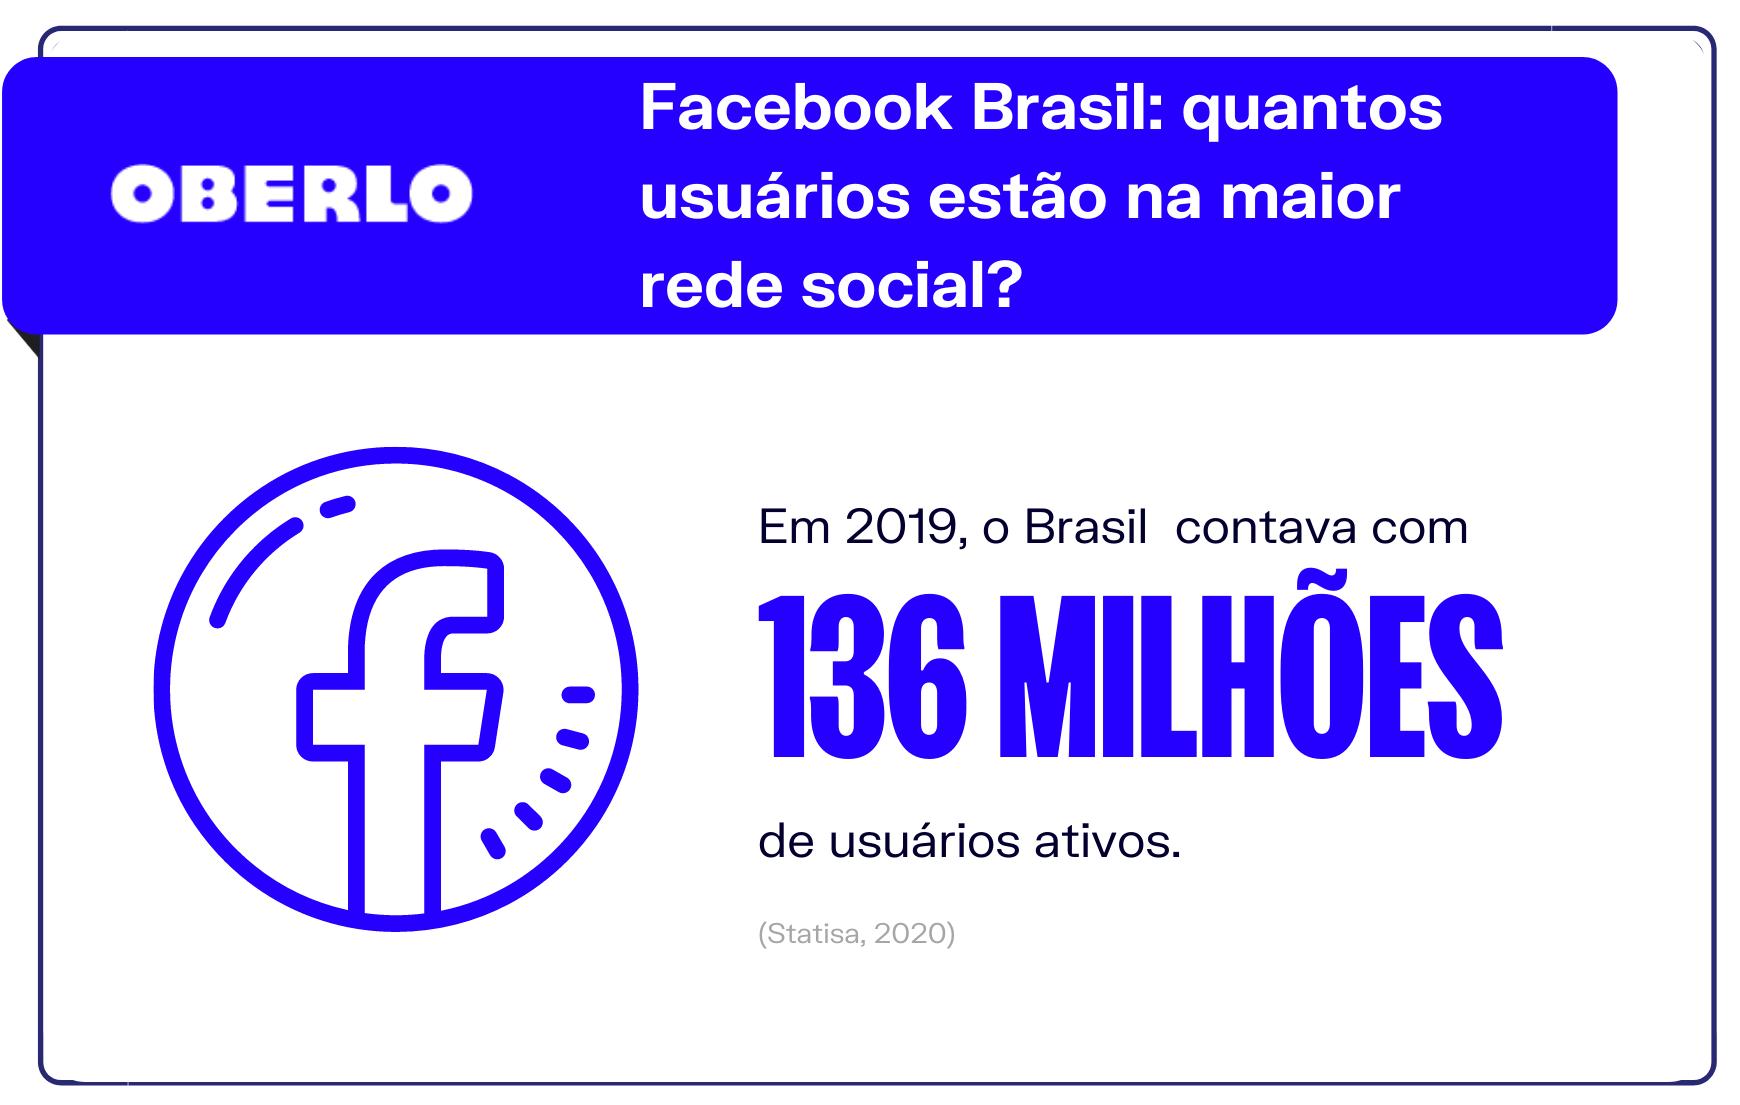 Facebook Brasil: quantos usuários estão na maior rede social?